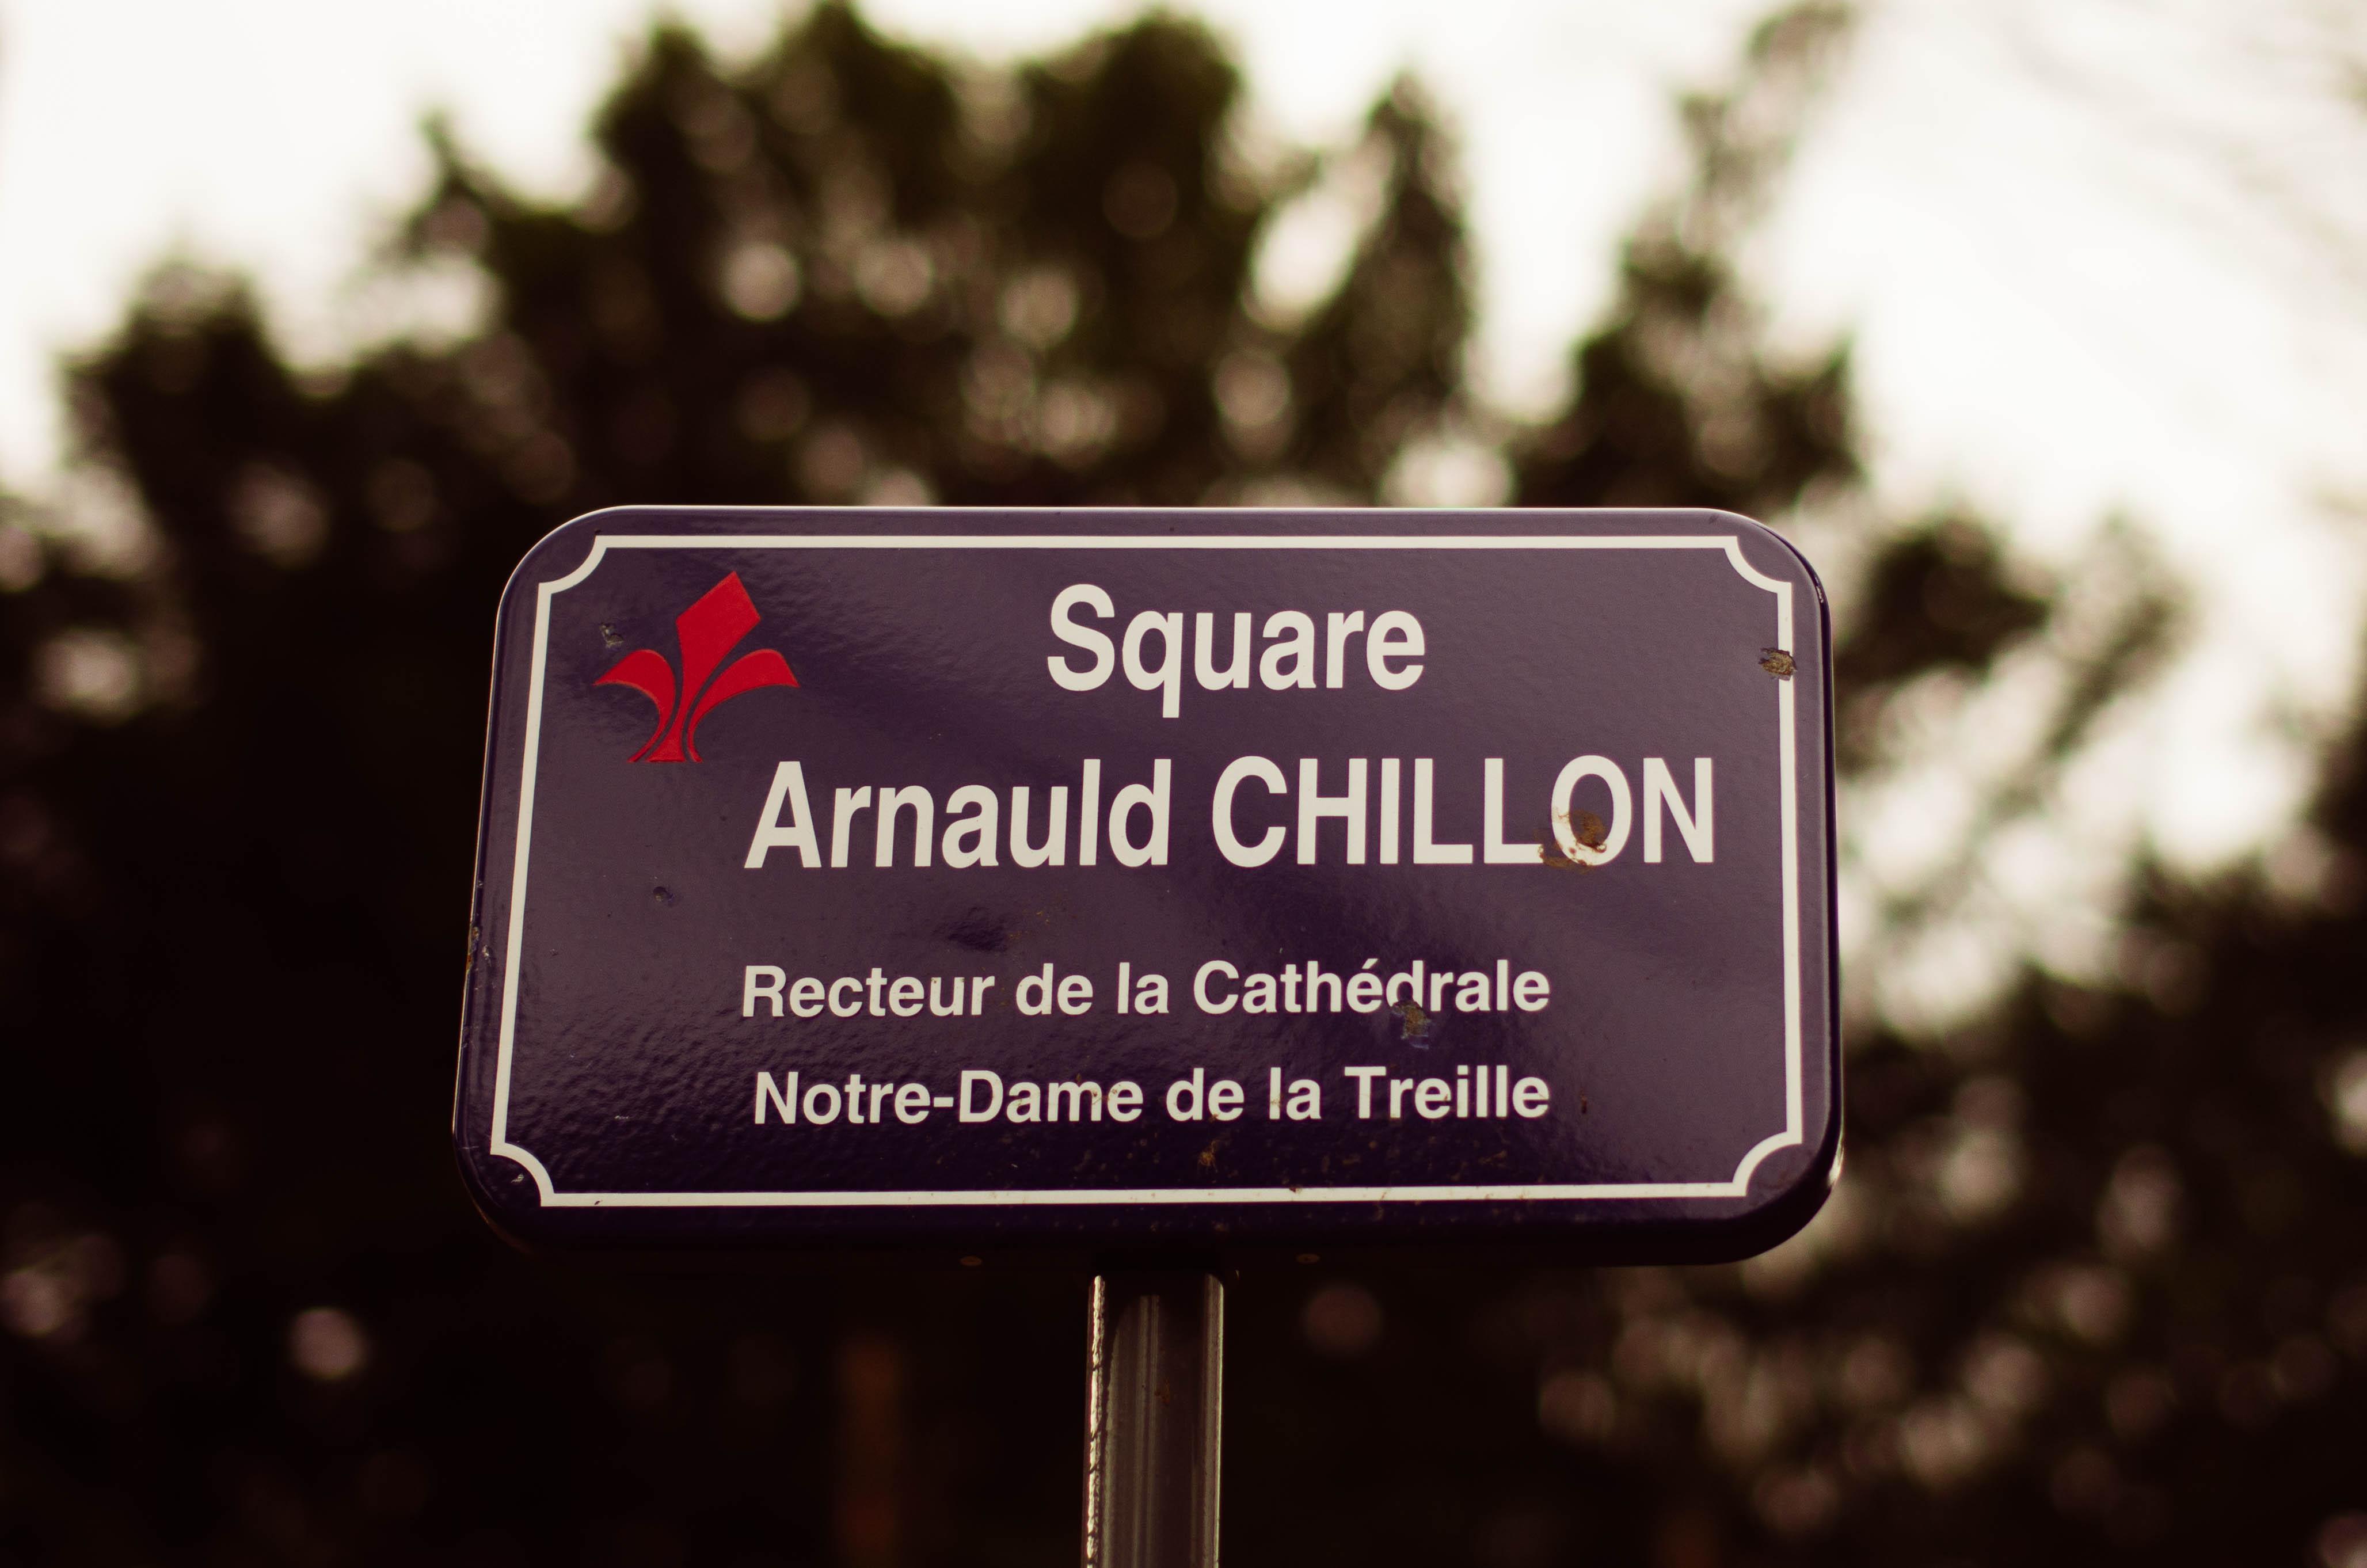 plaque square arnauld chillon cathédrale notre dame de la treille